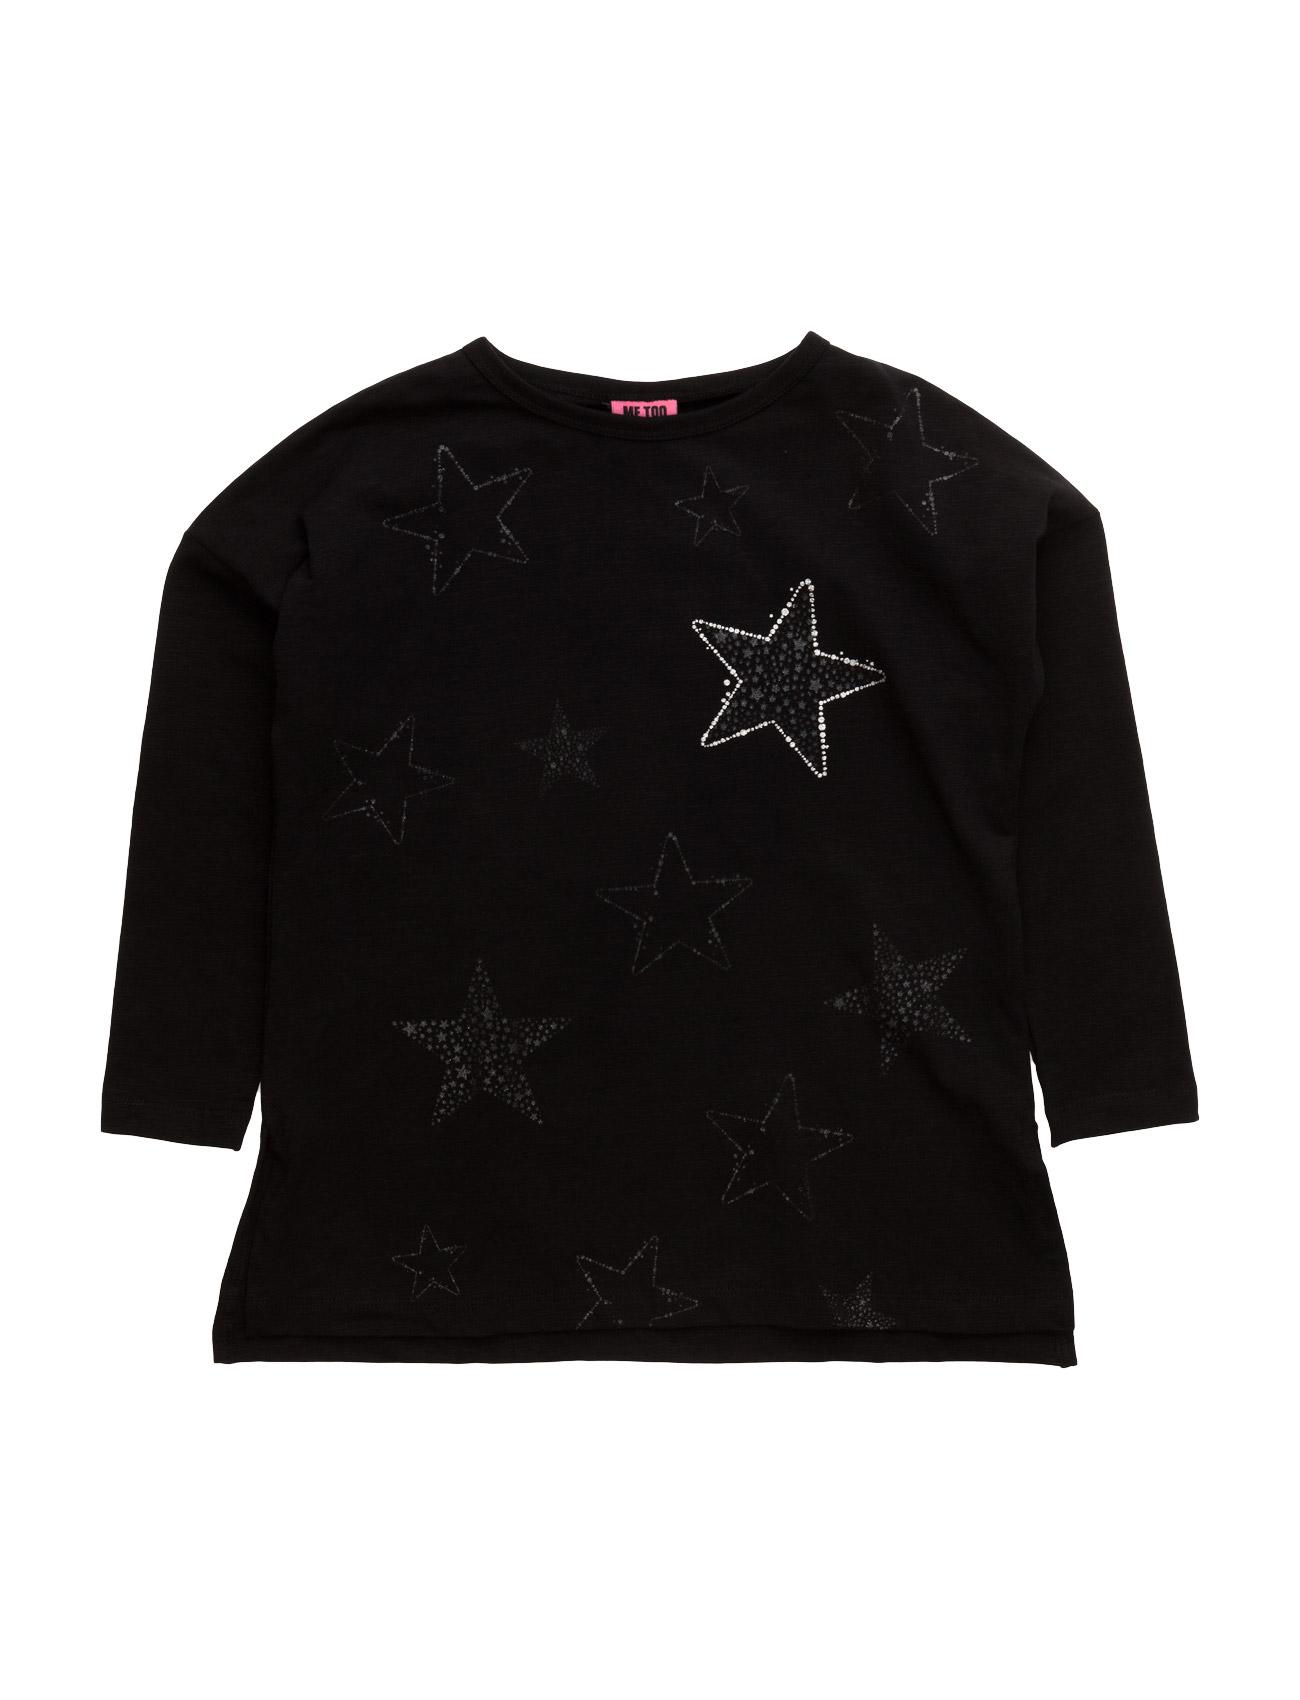 Harda 103, Tunic Ls MeToo Langærmede t-shirts til Børn i